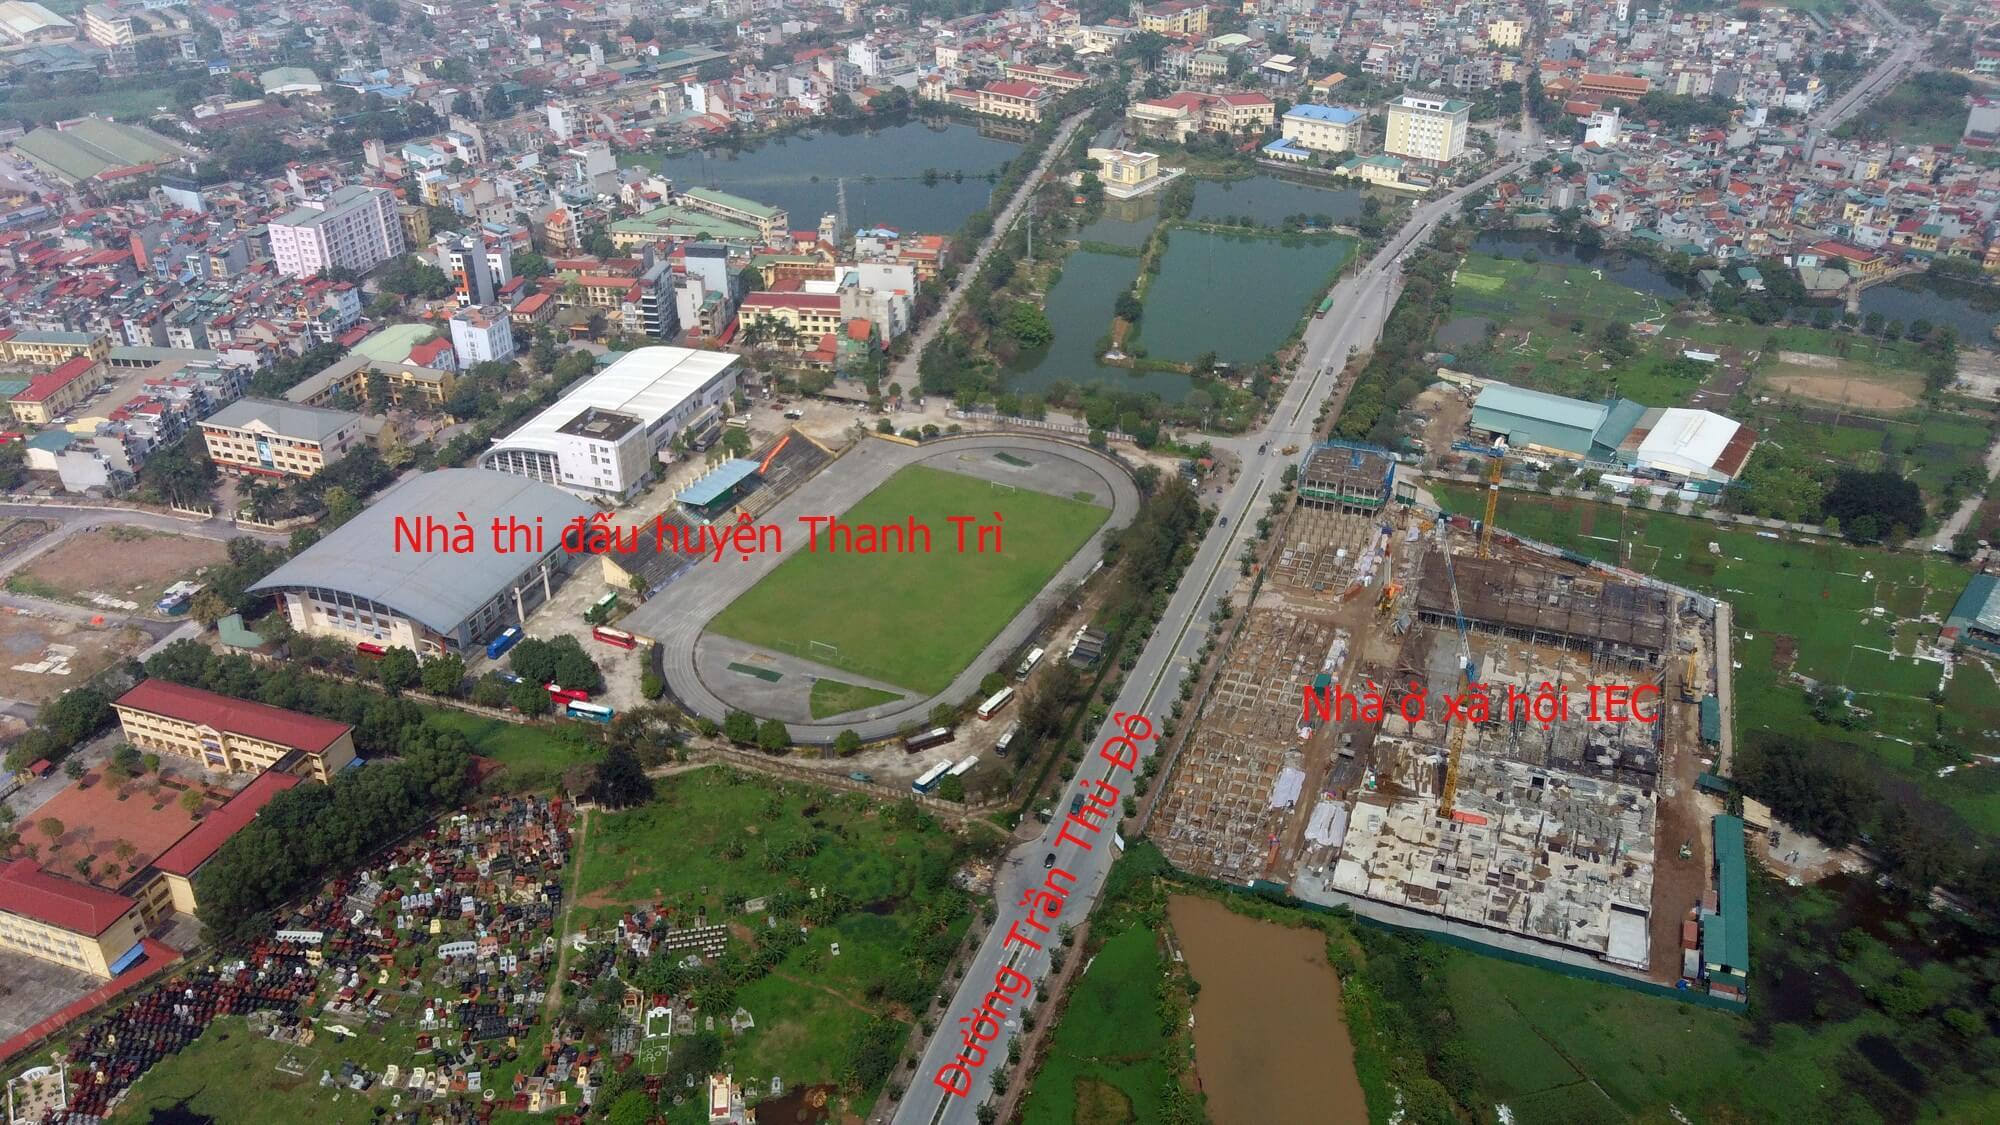 Trong vòng bán kính 1km từ đường vành đai 3,5 có sự hiện diện của dự án IEC Thanh Trì và nhà thi đấu Thanh Trì.